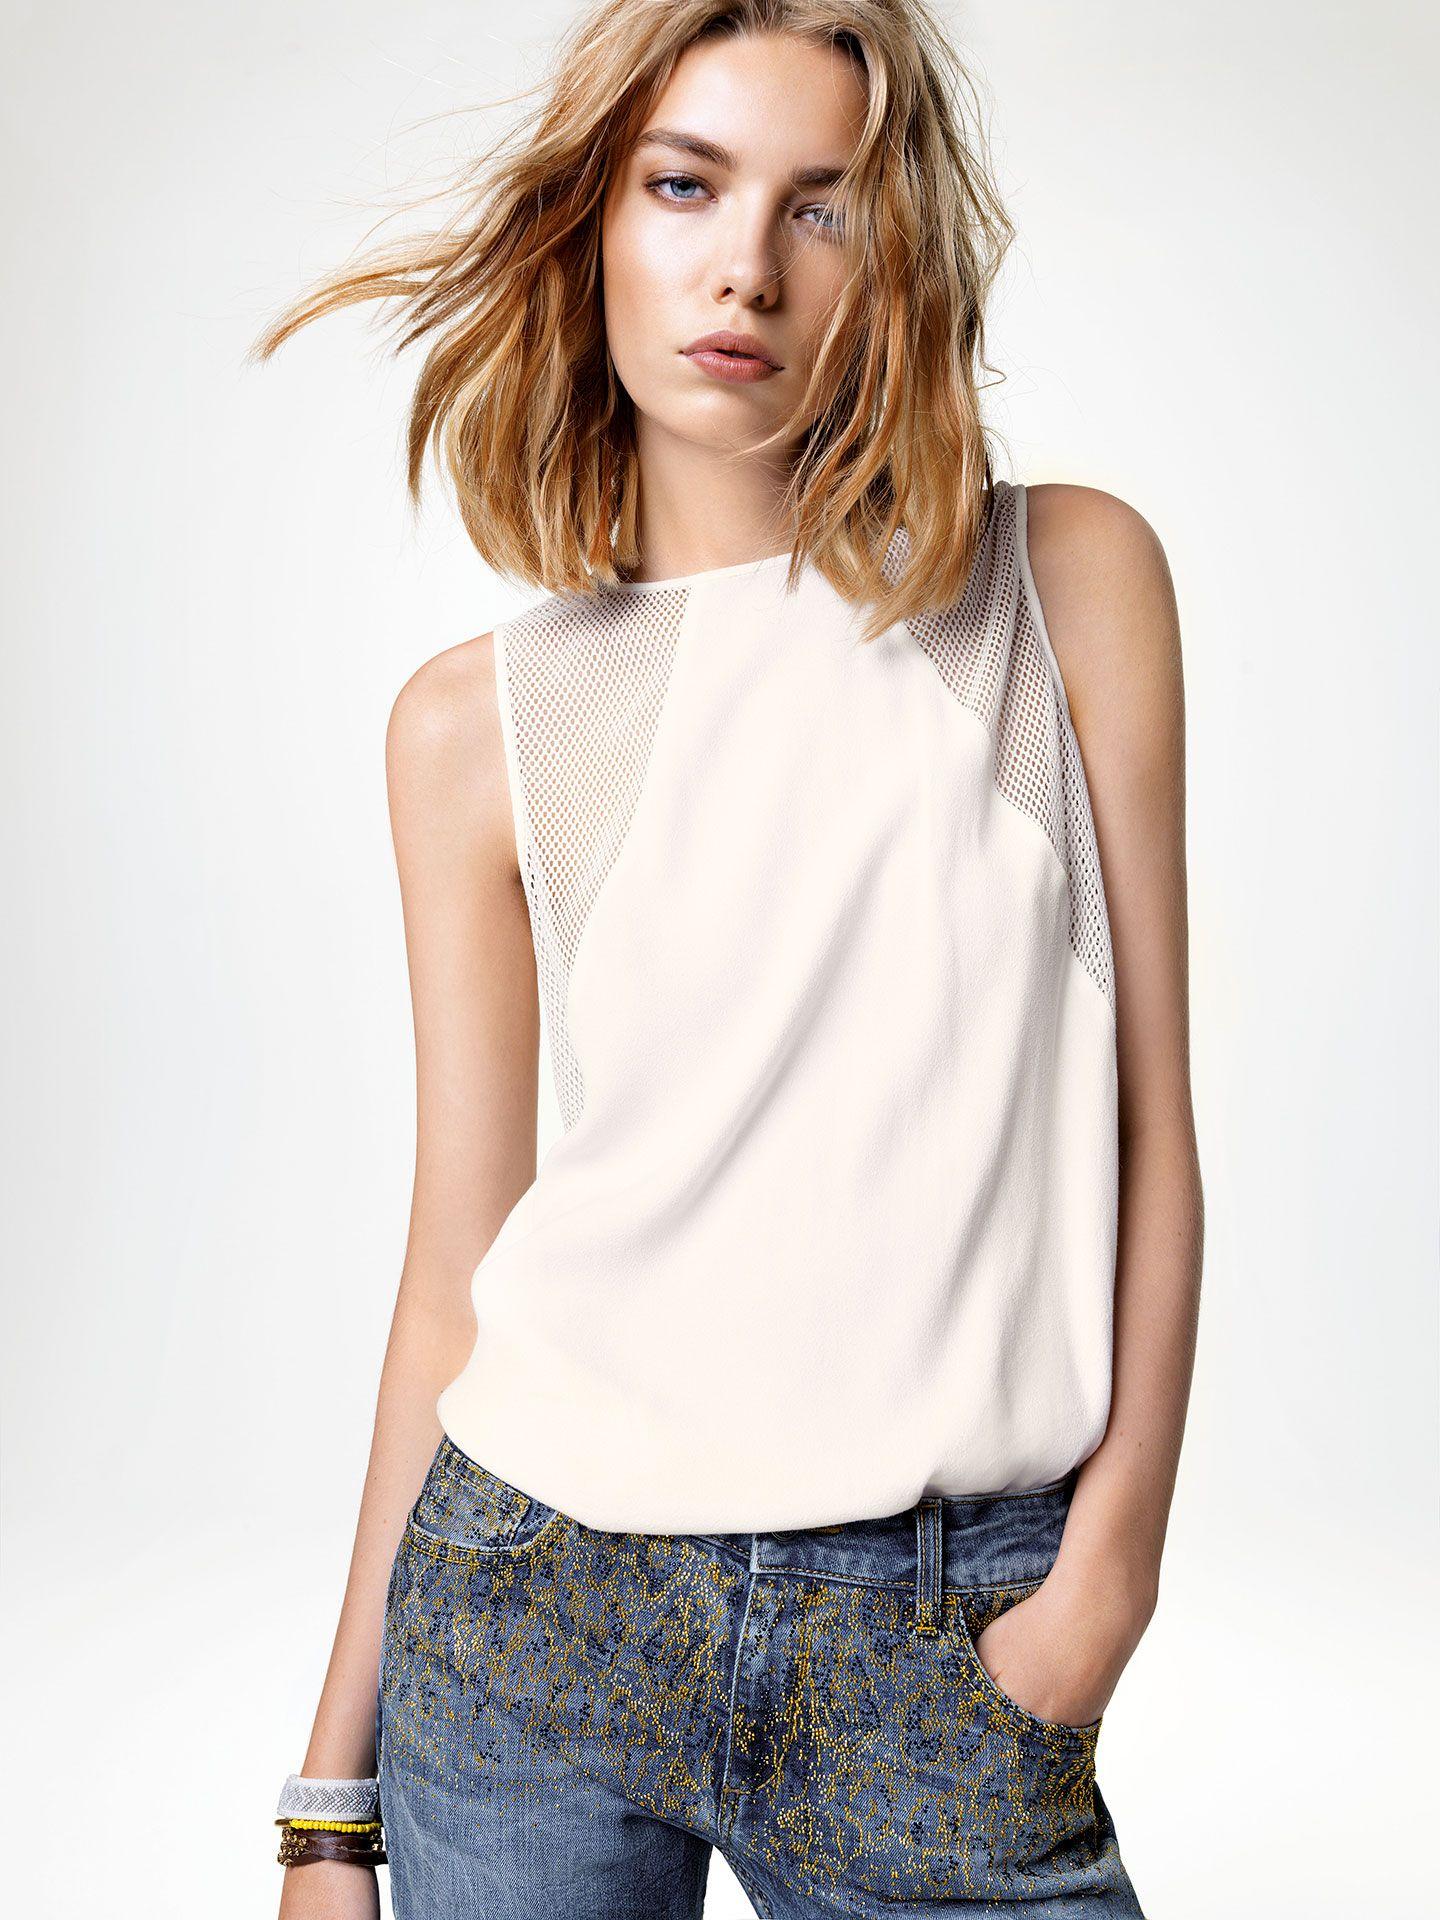 detailed look 03902 8cca6 LIU JO JEANS - Liu Jo   My Style   Liu jo, Fashion, Jeans style